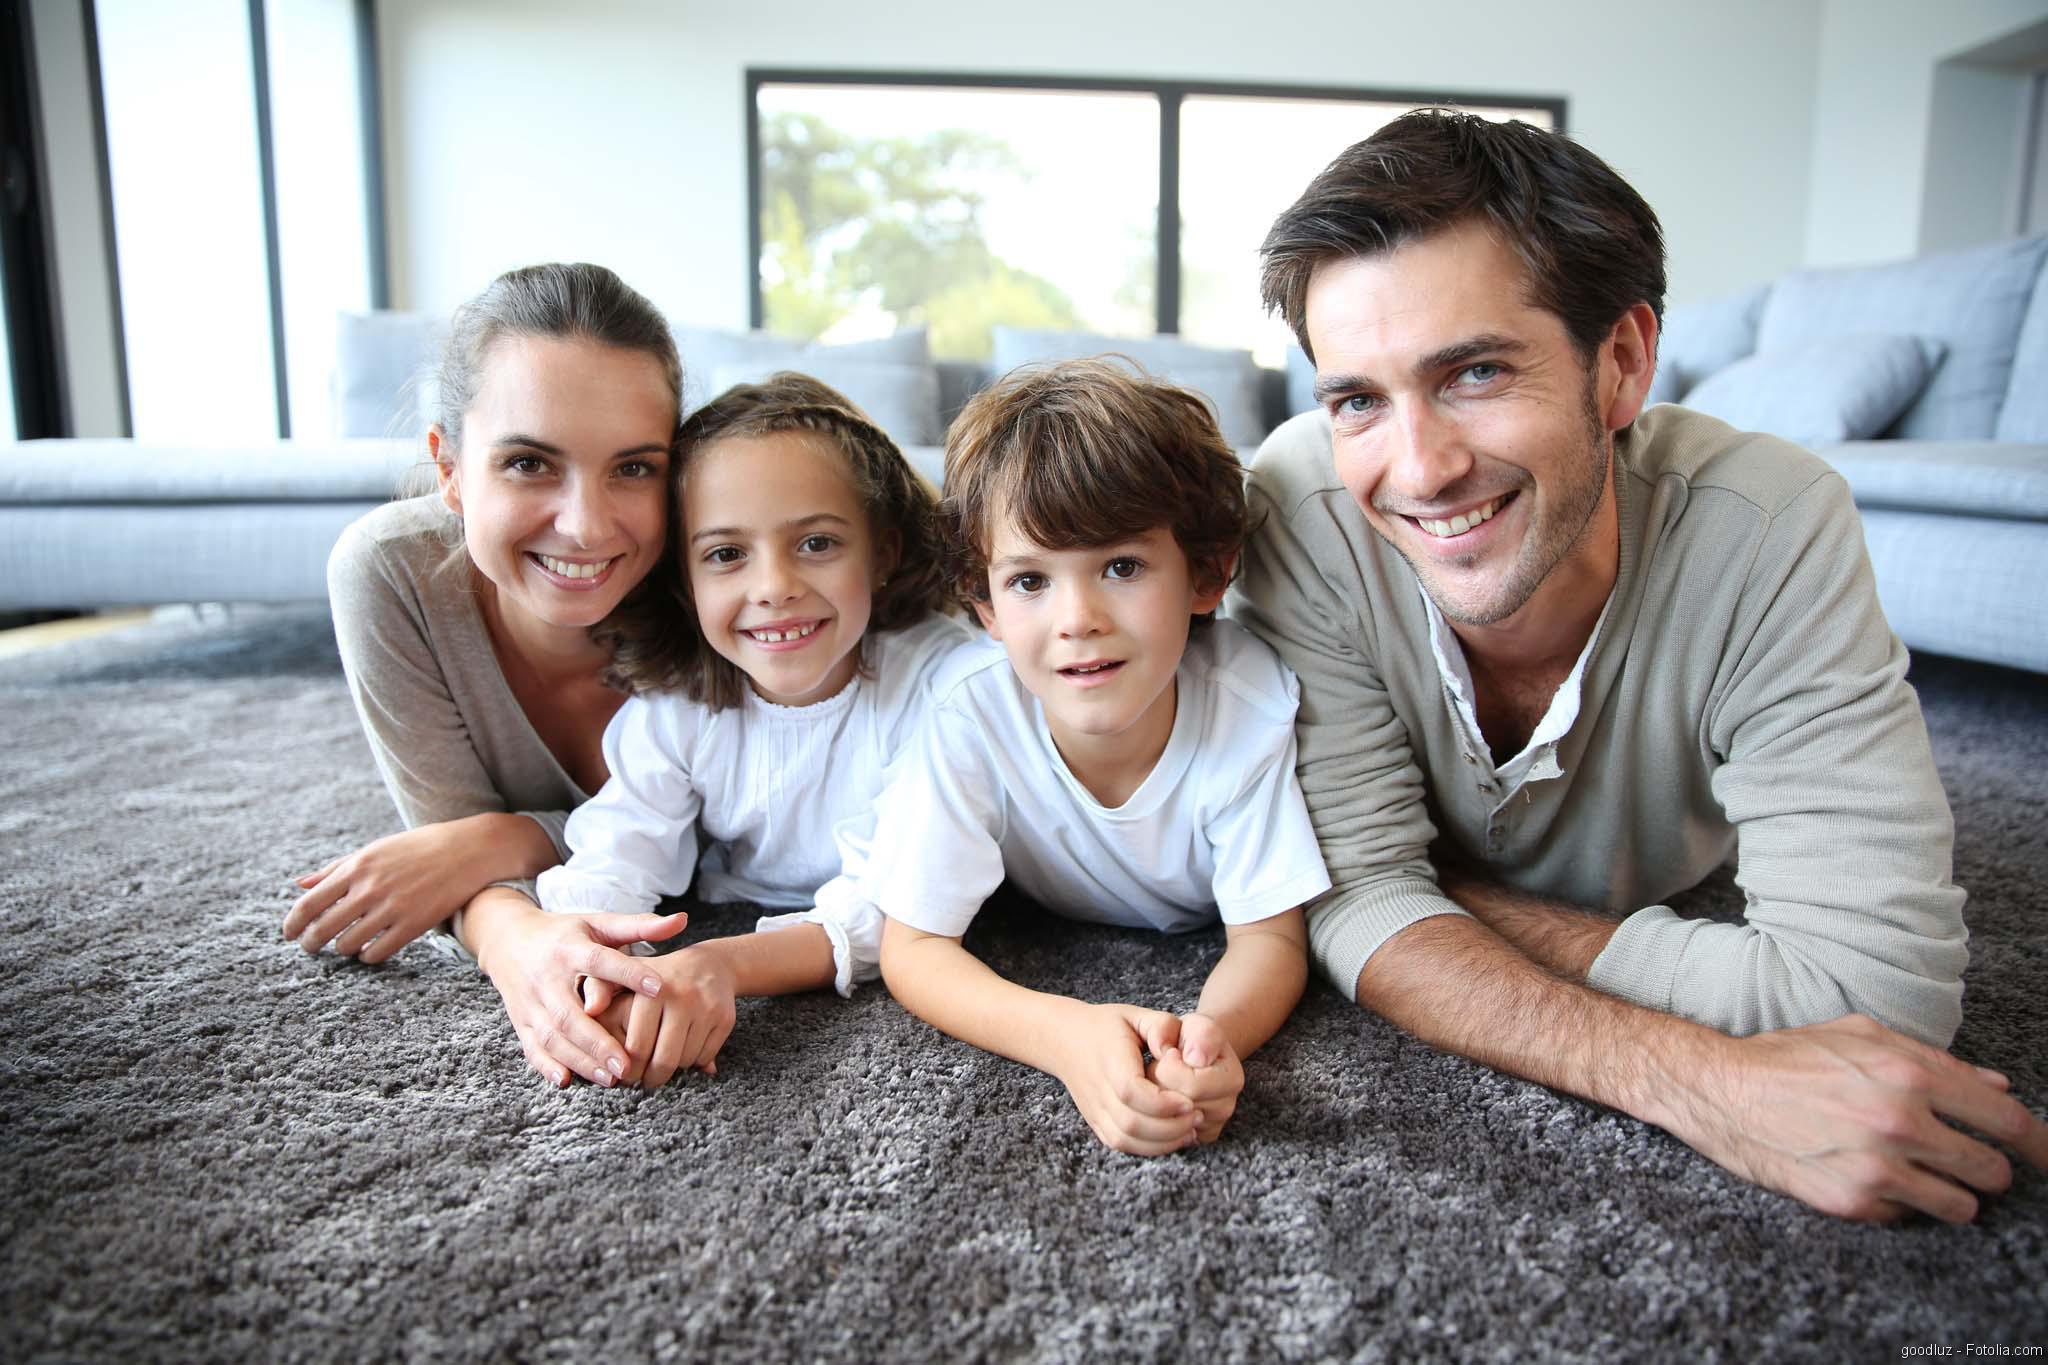 Corona, Safaya - Sicherheit für die ganze Familie